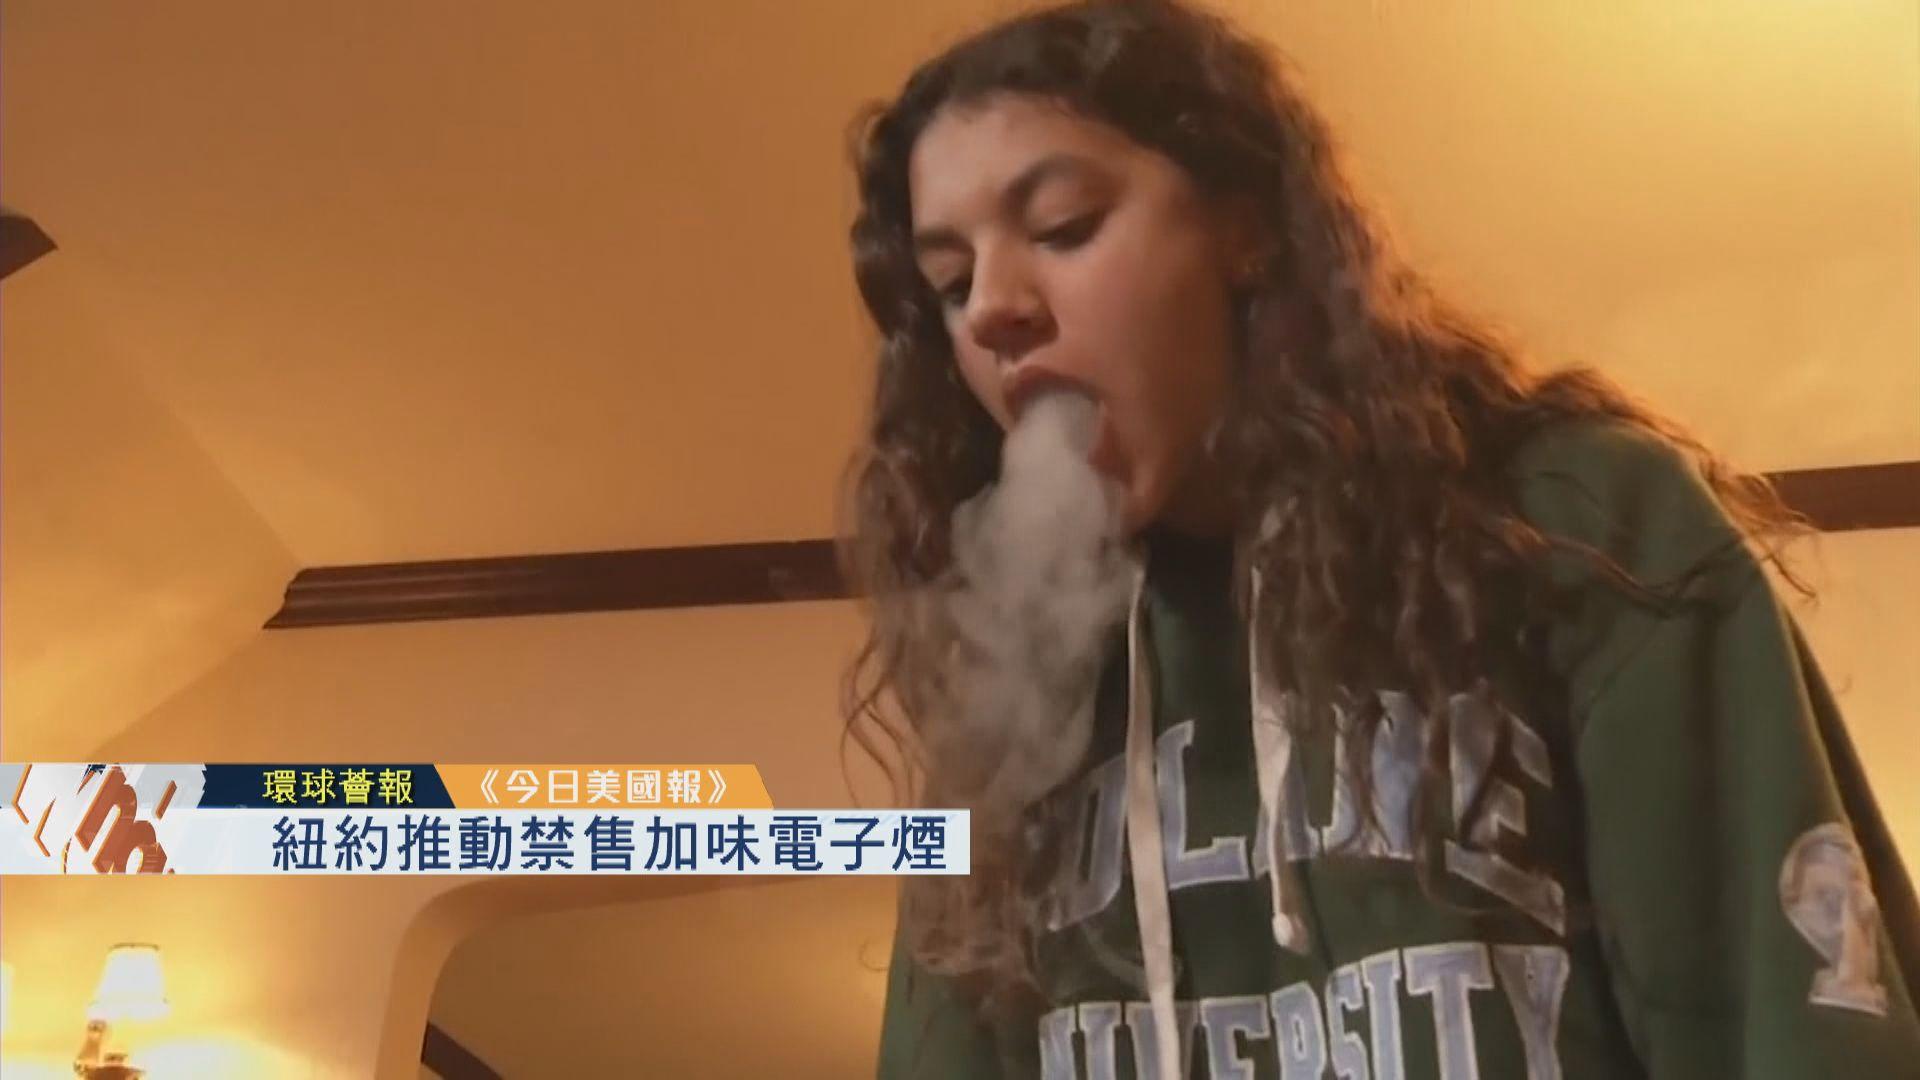 【環球薈報】紐約州推動禁售加味電子煙